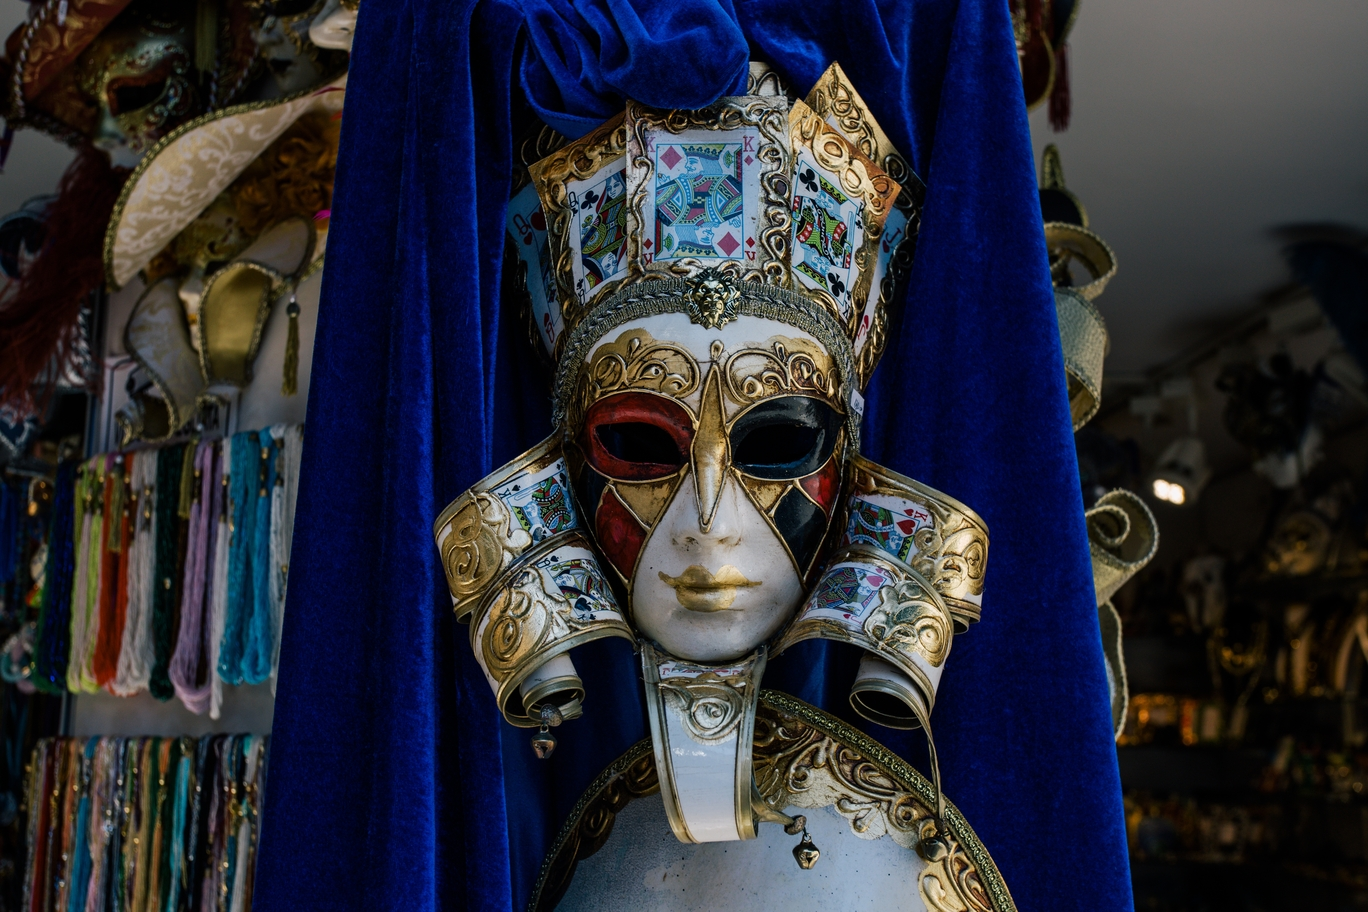 Negozio maschere Venezia: dove trovare gli articoli più belli